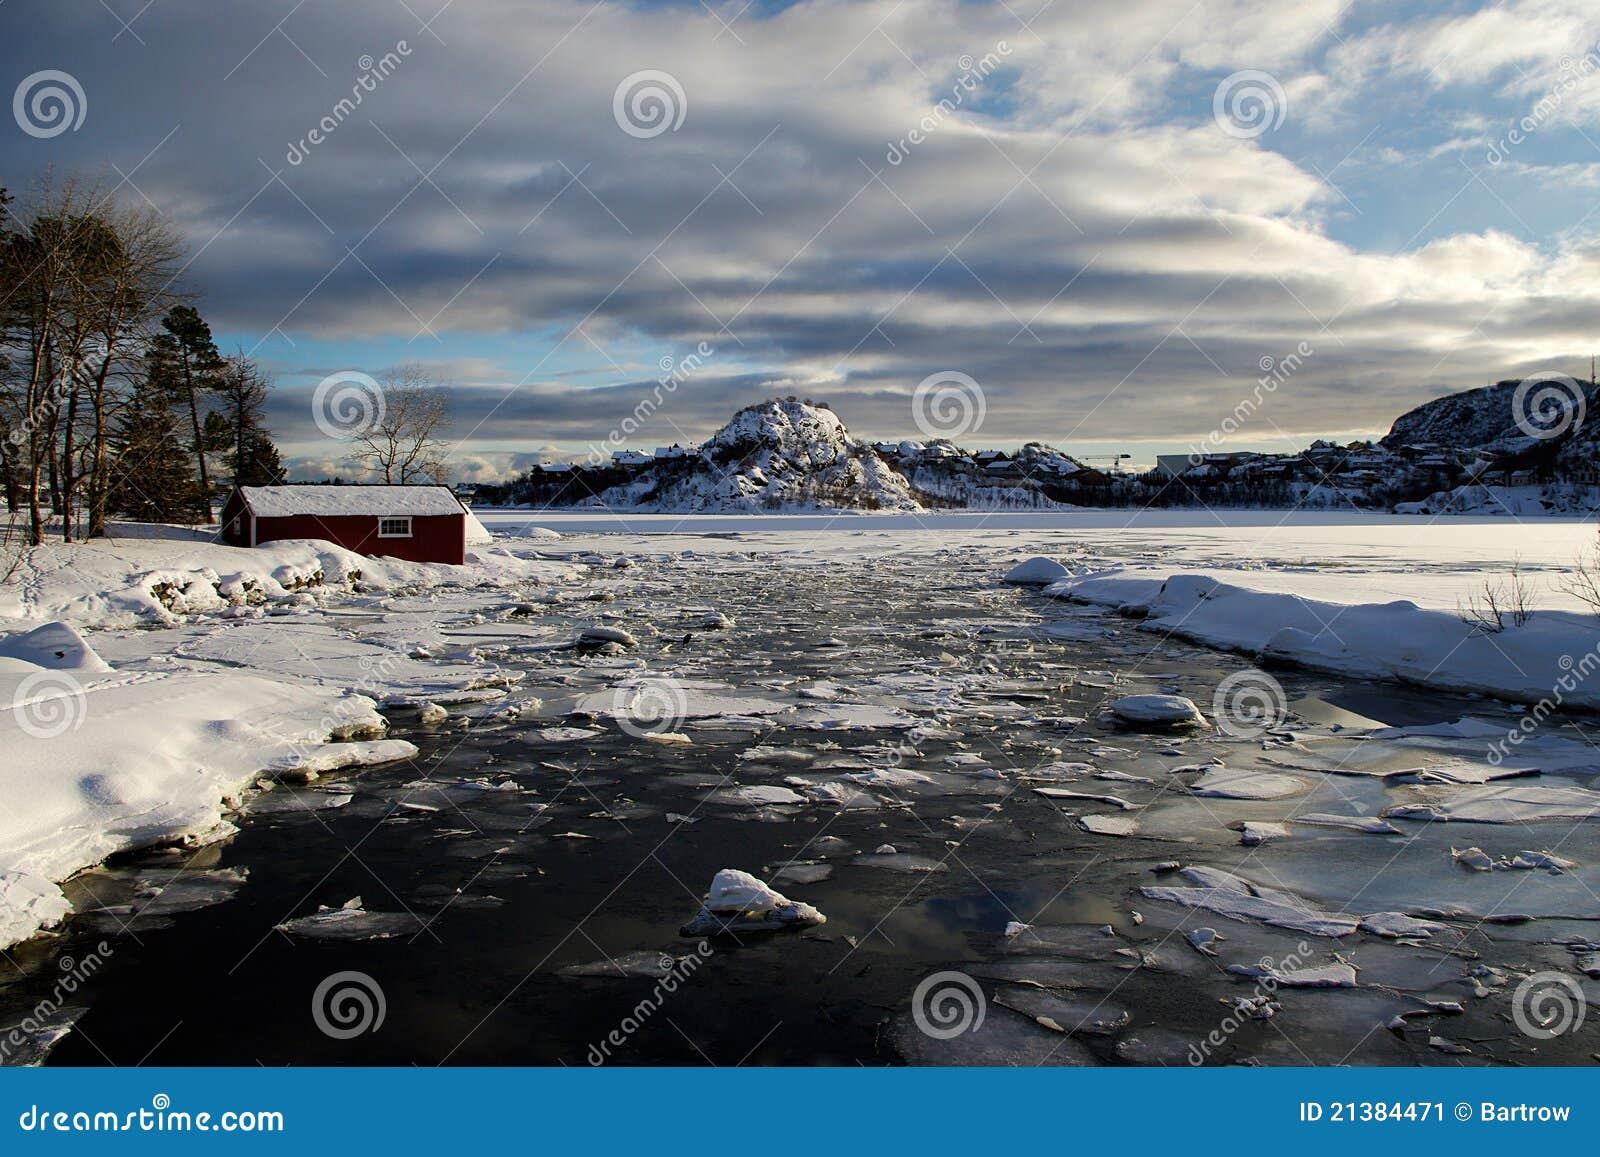 ice climbing norway lofoten fishing